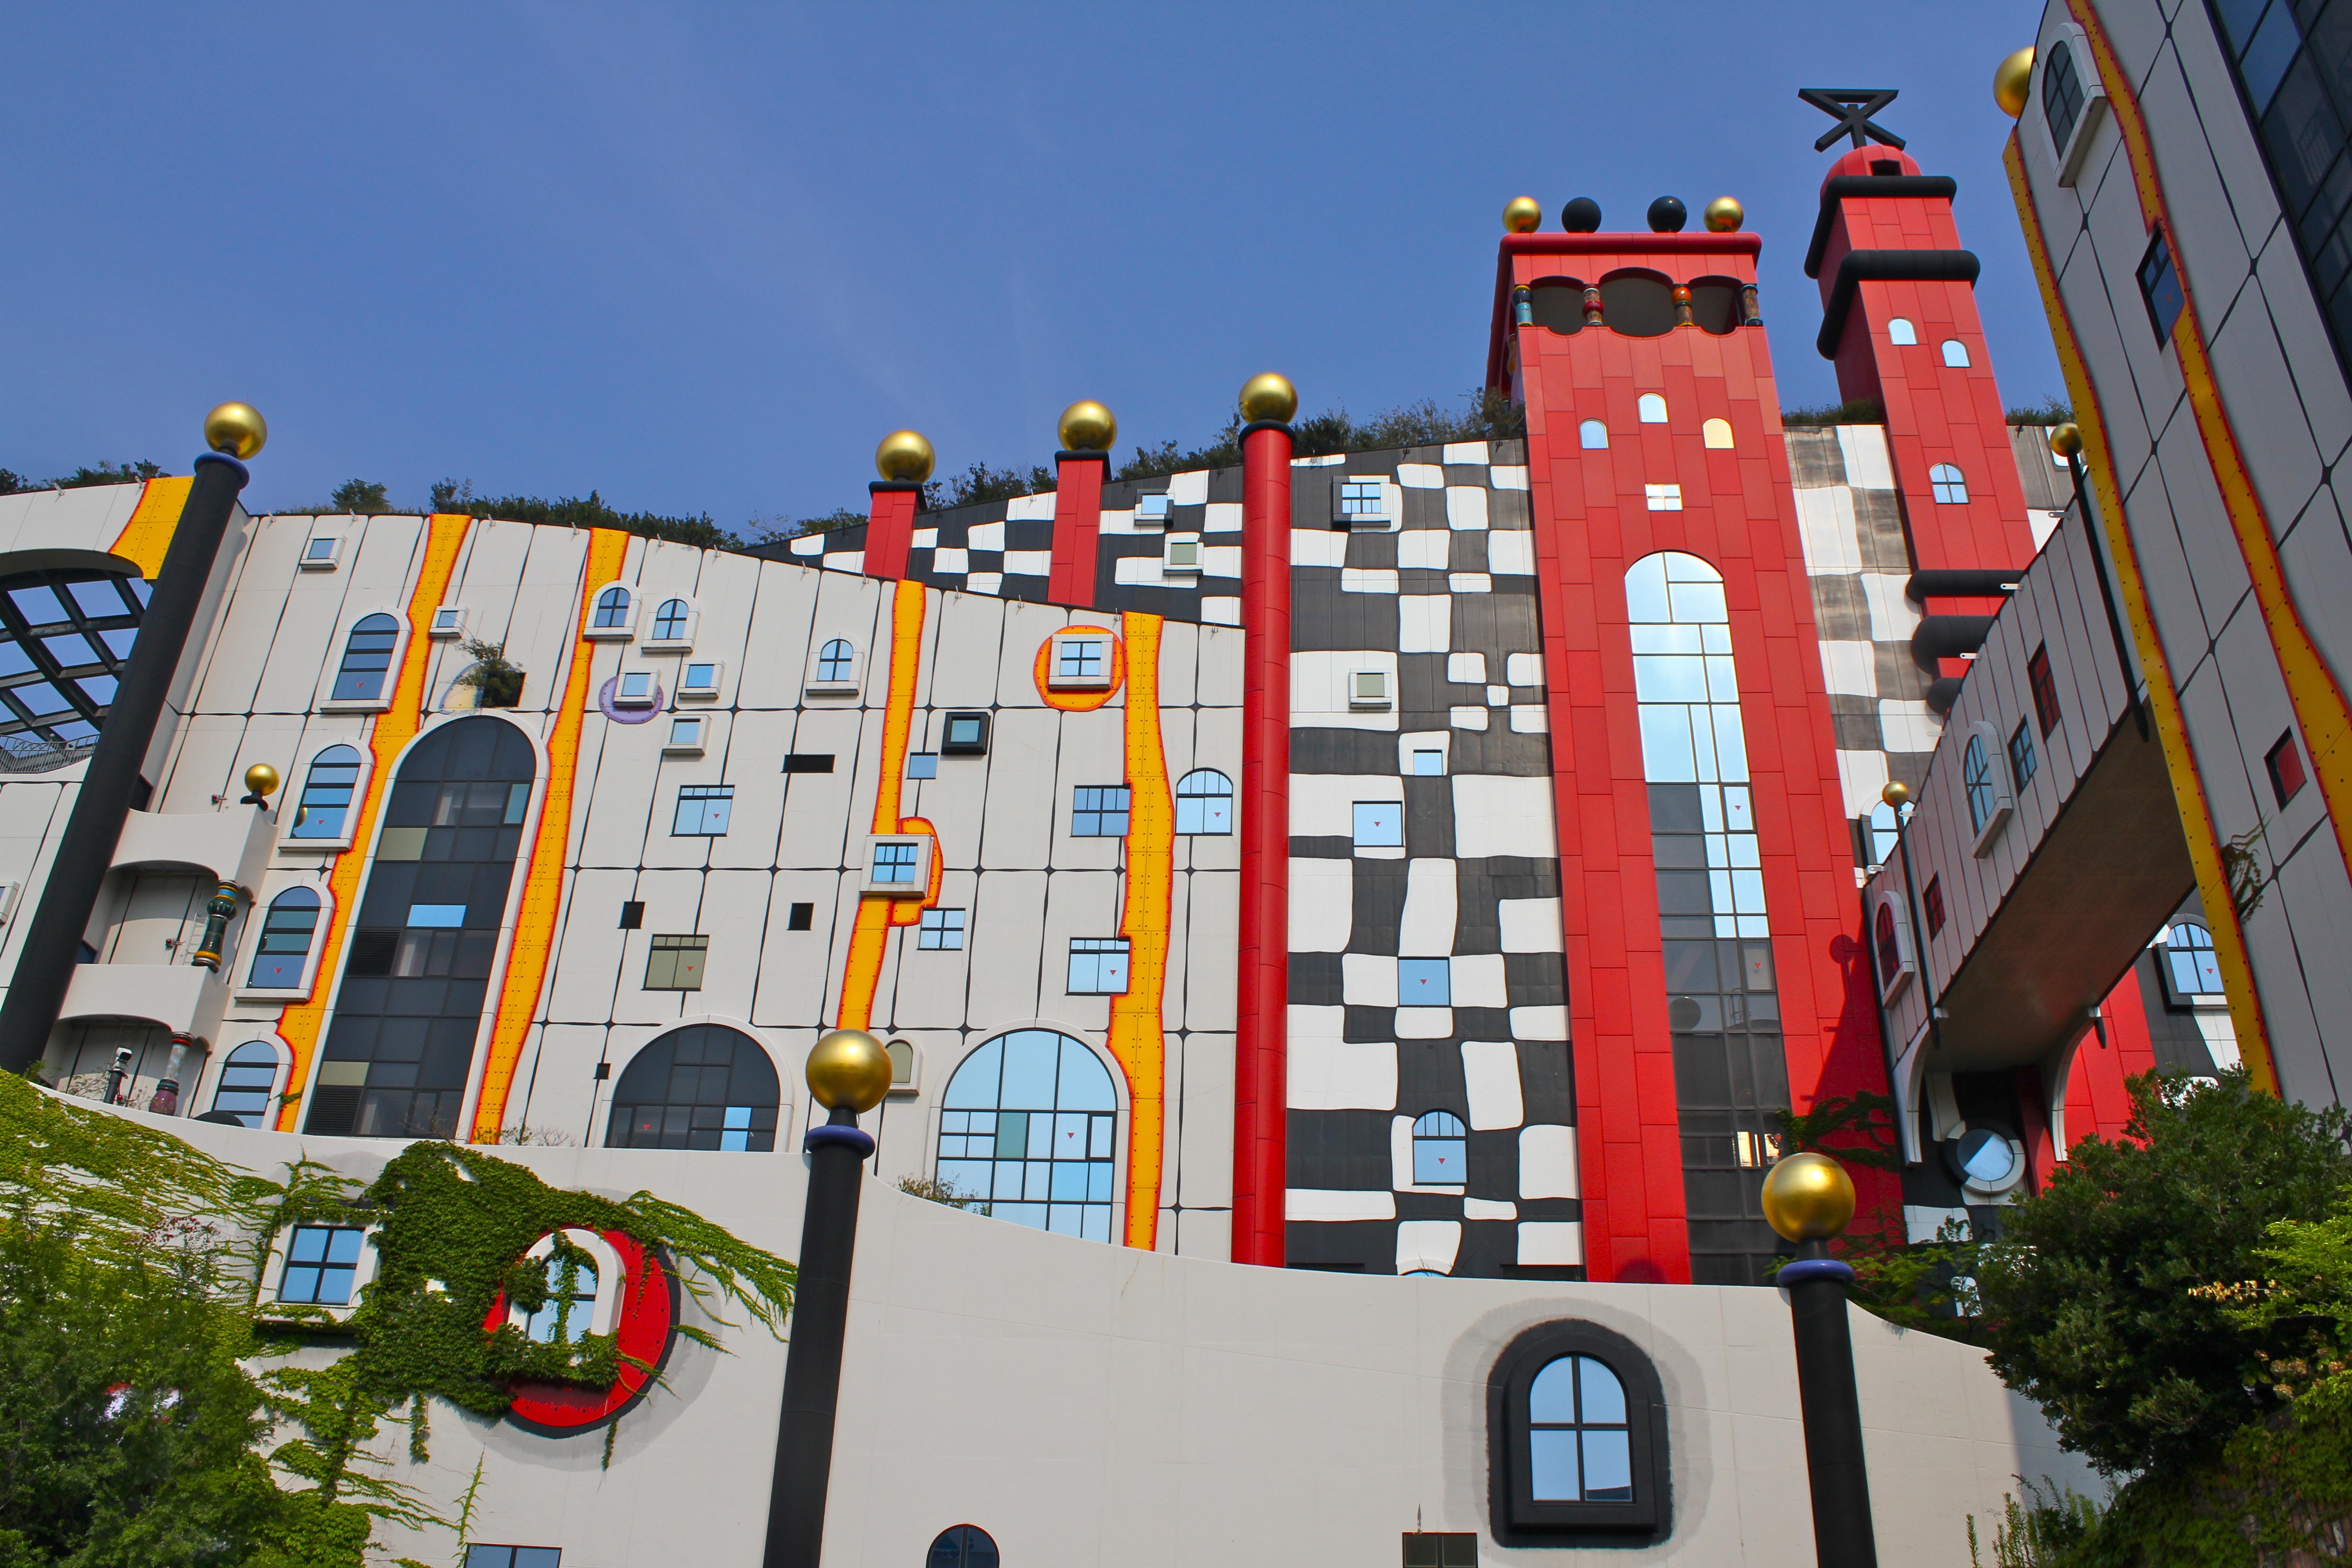 imagen Friedensreich Hundertwasser img 0870